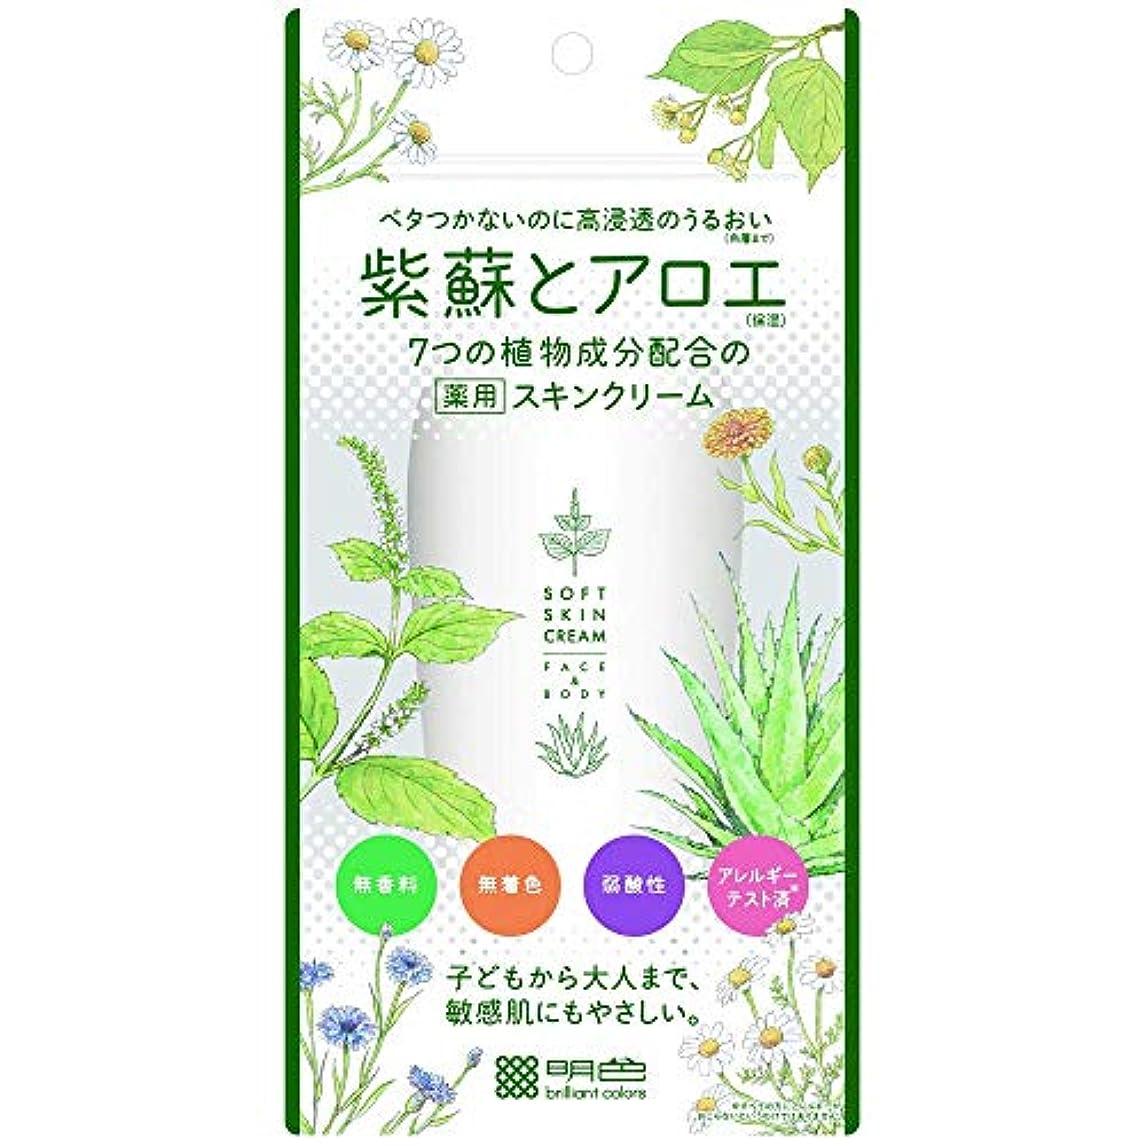 構想する皿漁師【7個セット】紫蘇とアロエ 薬用スキンクリーム 190g